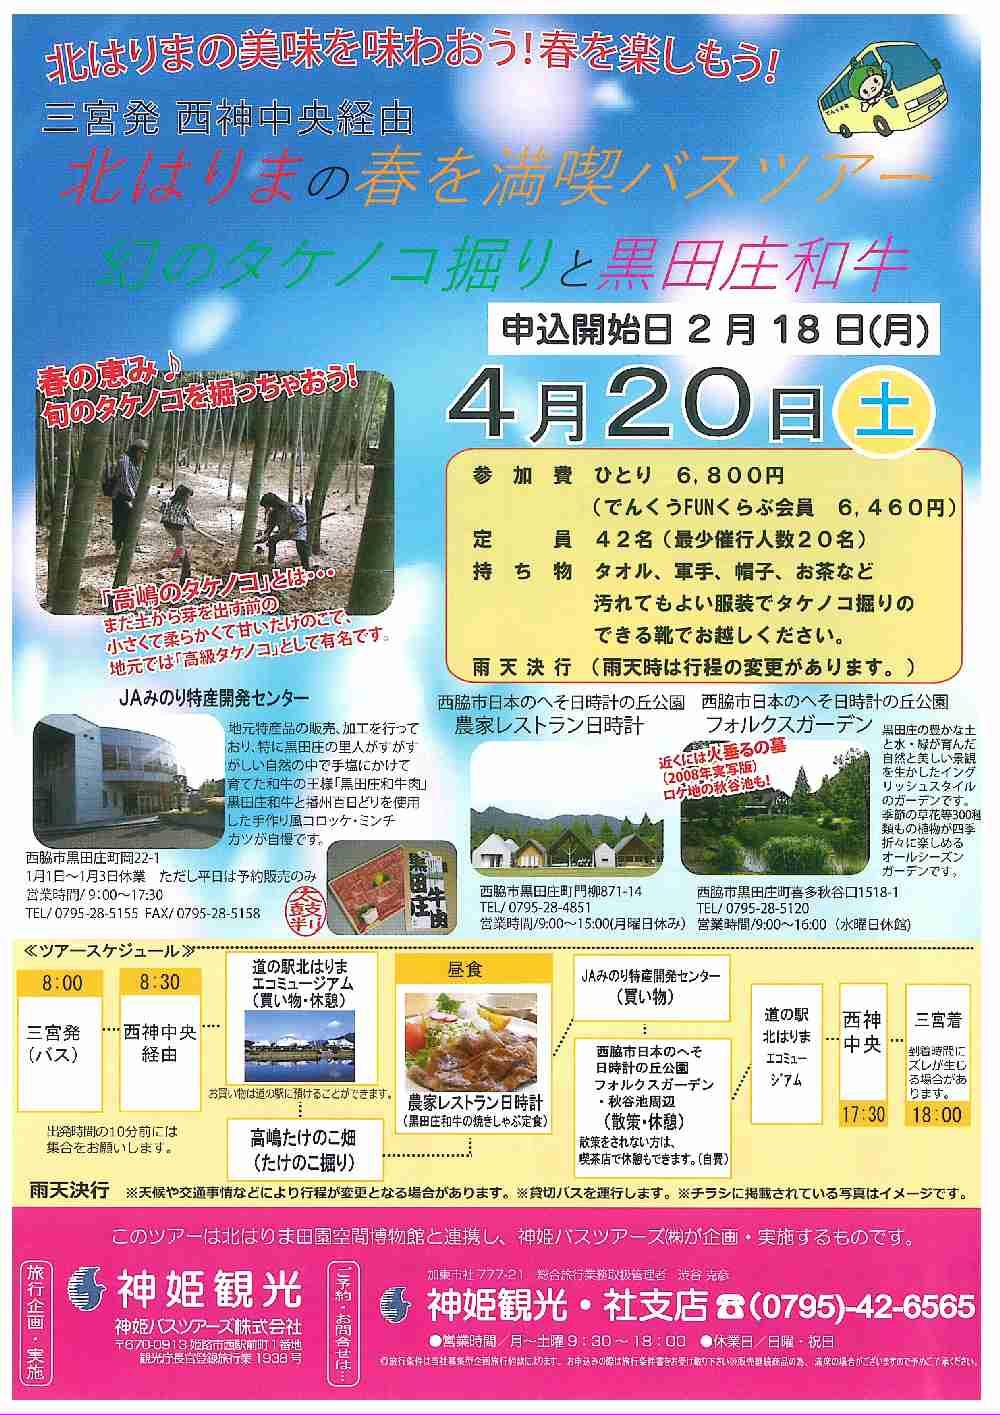 4/20 三宮発バスツアー「タケノコ掘りと黒田庄和牛」